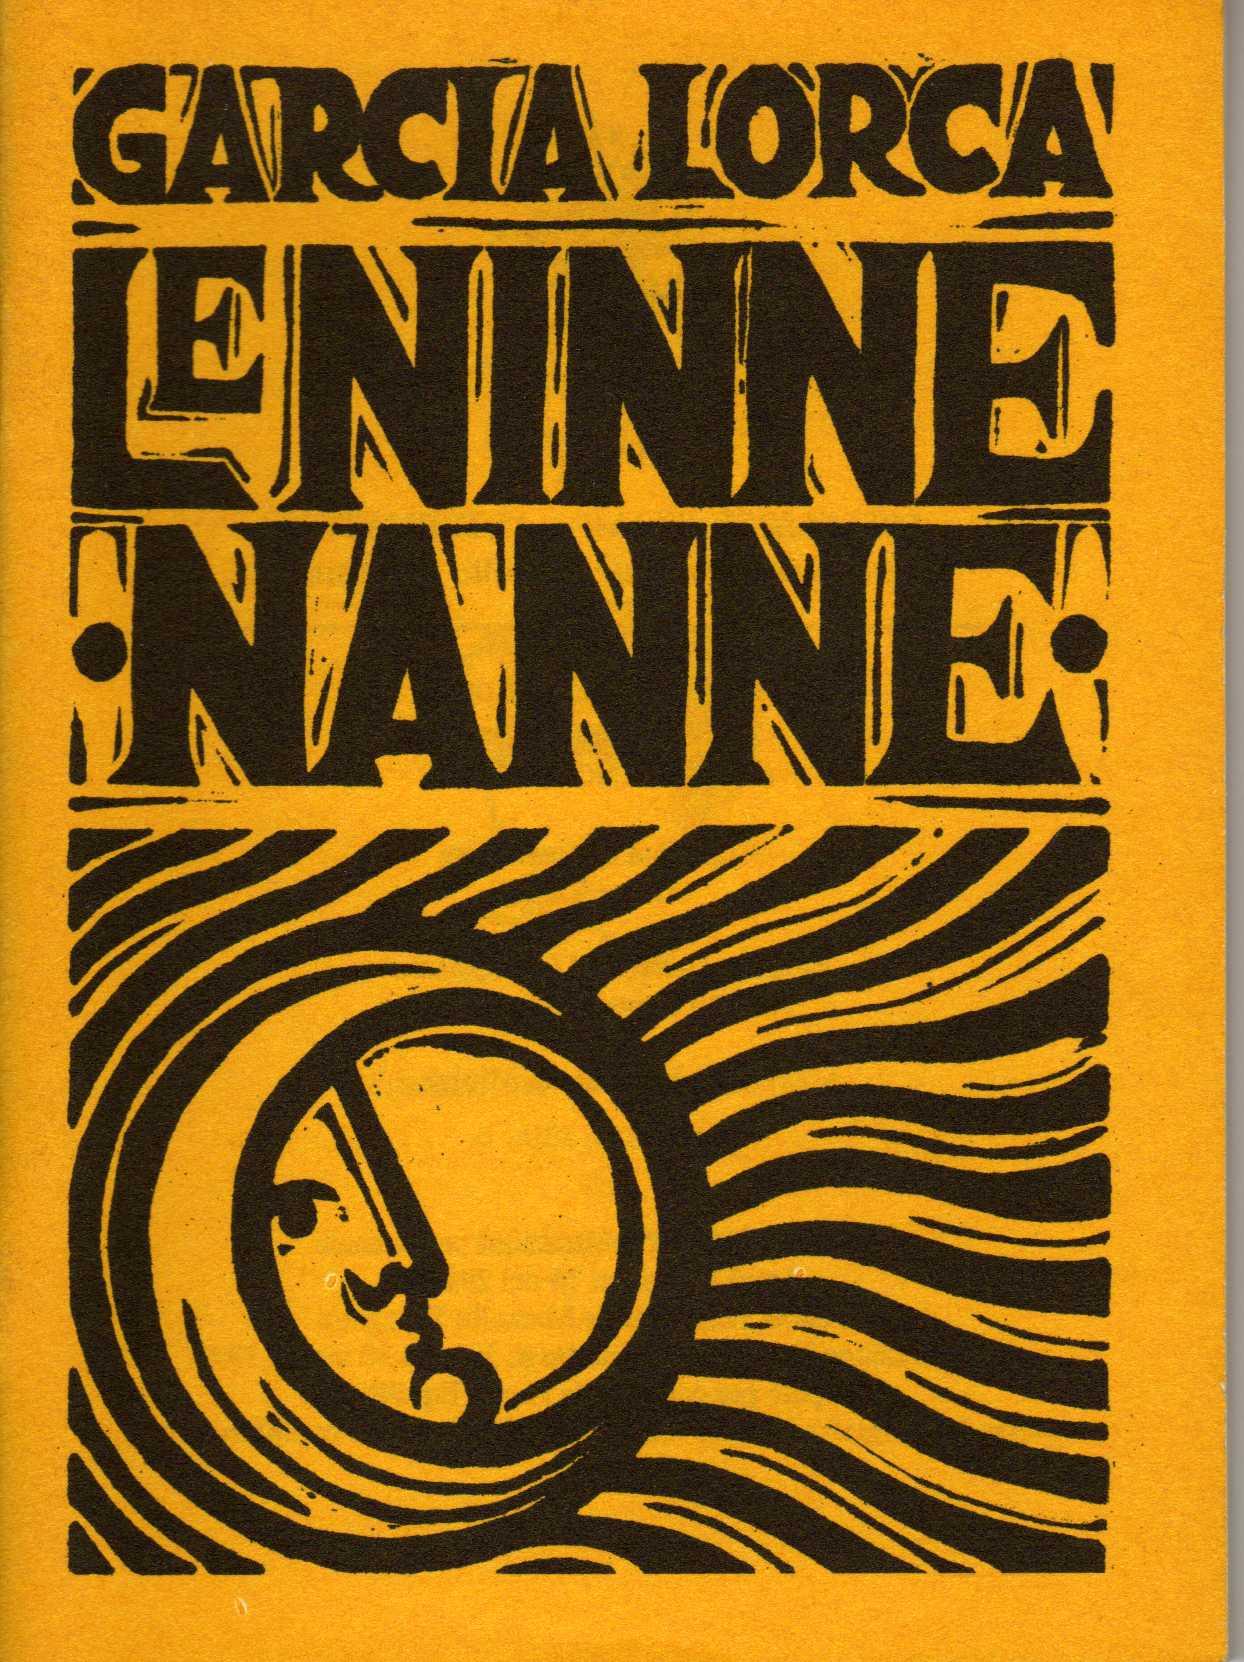 Le Ninne nanne